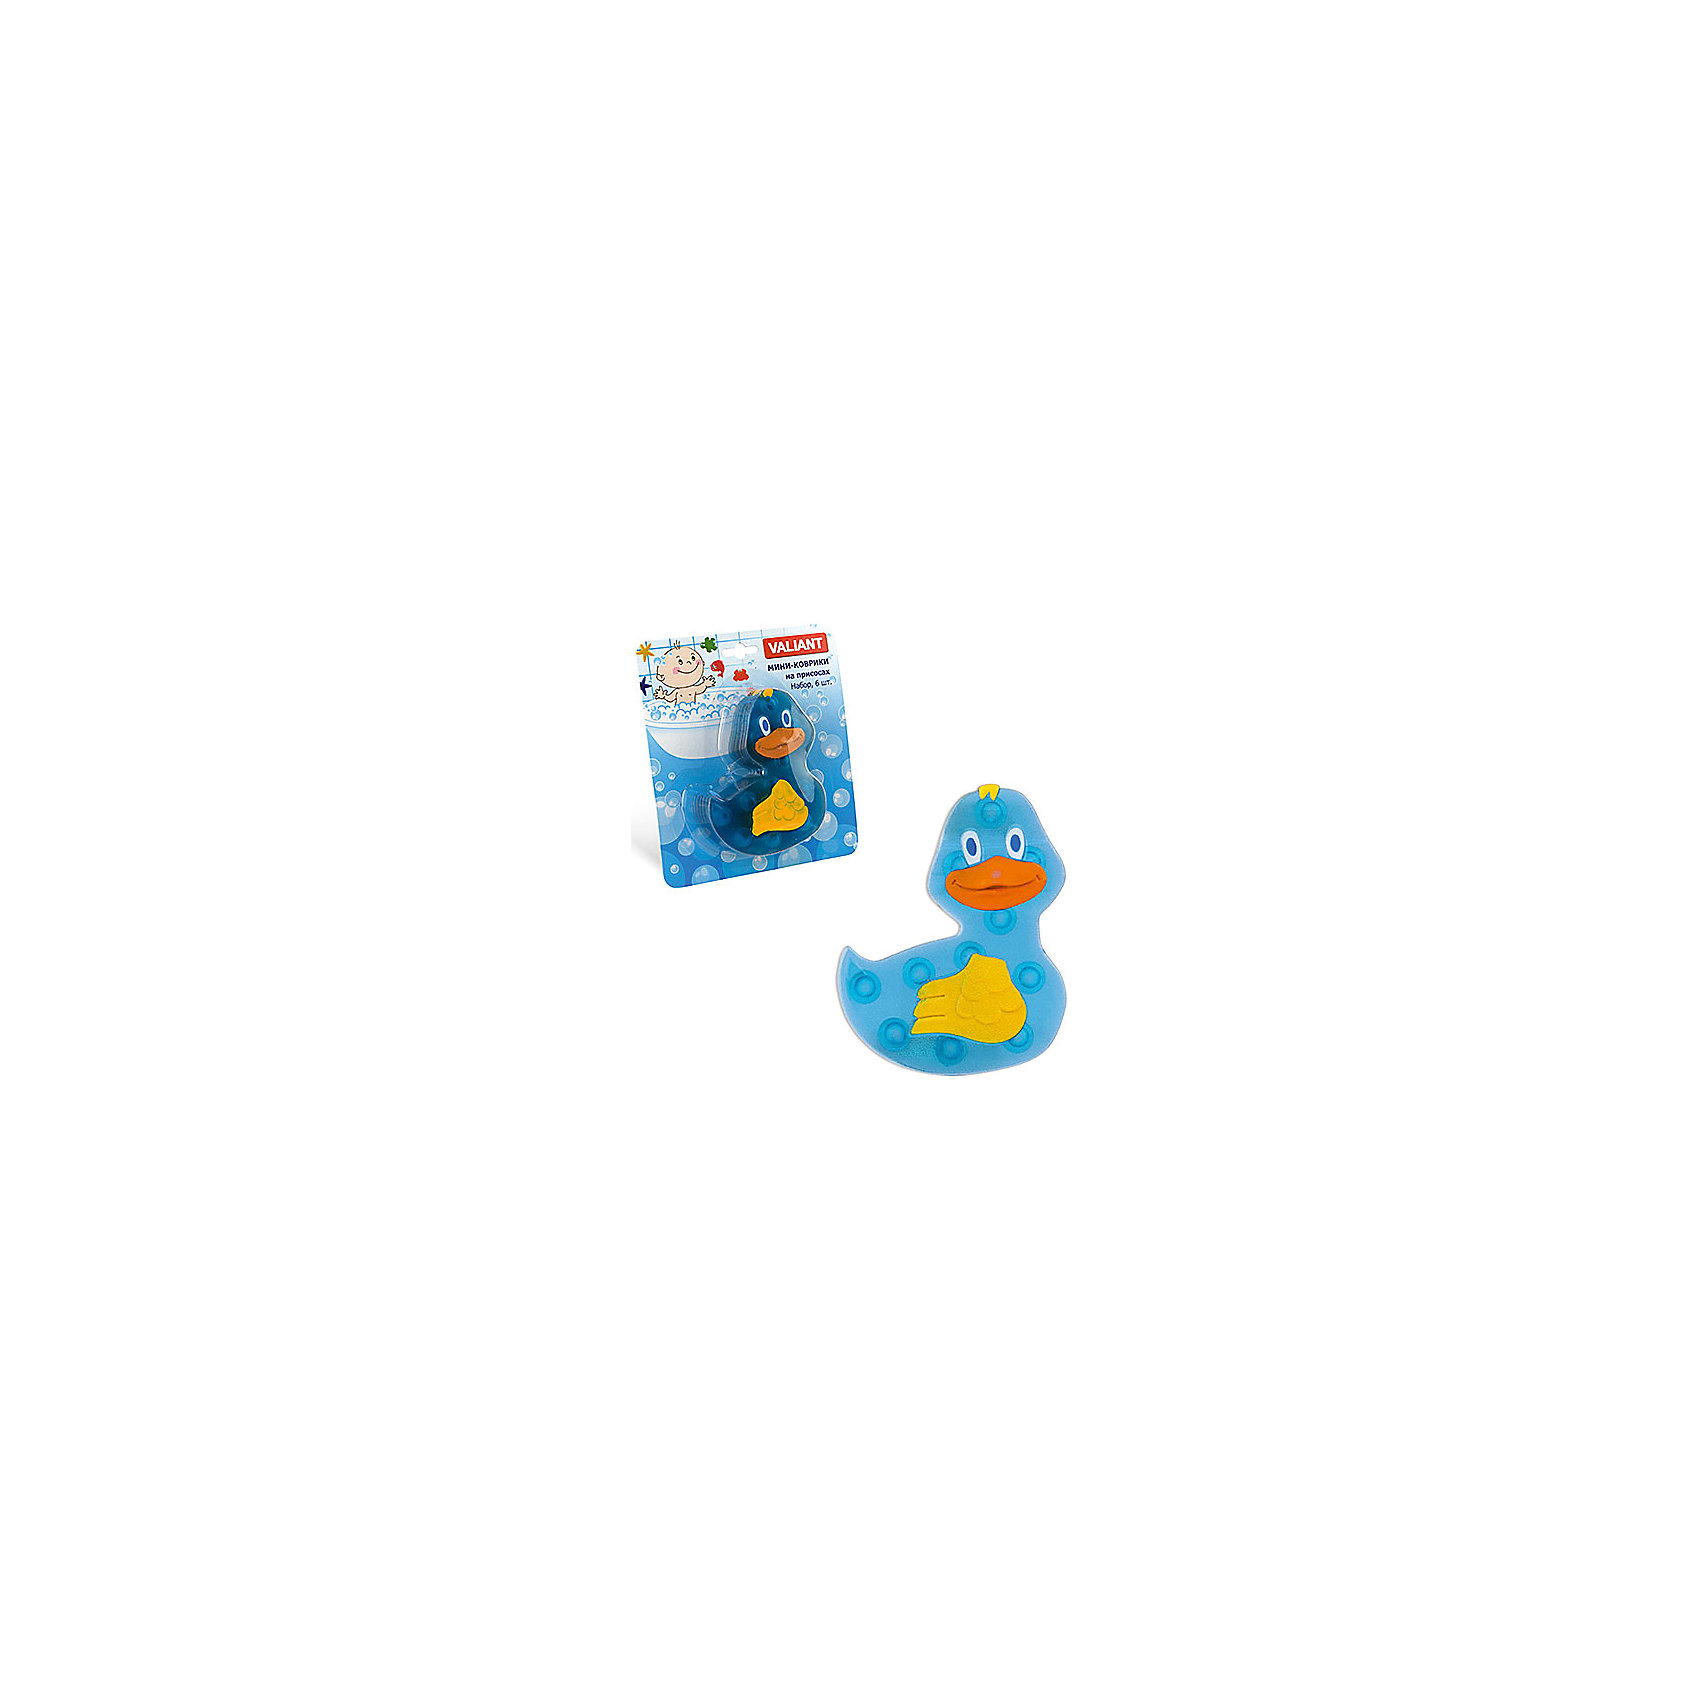 Набор ковриков Уточка на присосках (6 шт)Мини-коврики для ванной комнаты - это яркое дополнение к купанию малыша. Это и игра и развитие моторики и изучение зверушек. <br>Колоссальный и постоянно растущий спрос на них обусловлен реакцией малышей и их мам на данное изобретение по всему миру.<br>Мини-коврики снабжены присосками и превосходно клеятся на влажный кафель.<br><br>Ширина мм: 100<br>Глубина мм: 130<br>Высота мм: 50<br>Вес г: 154<br>Возраст от месяцев: -2147483648<br>Возраст до месяцев: 2147483647<br>Пол: Унисекс<br>Возраст: Детский<br>SKU: 4563309